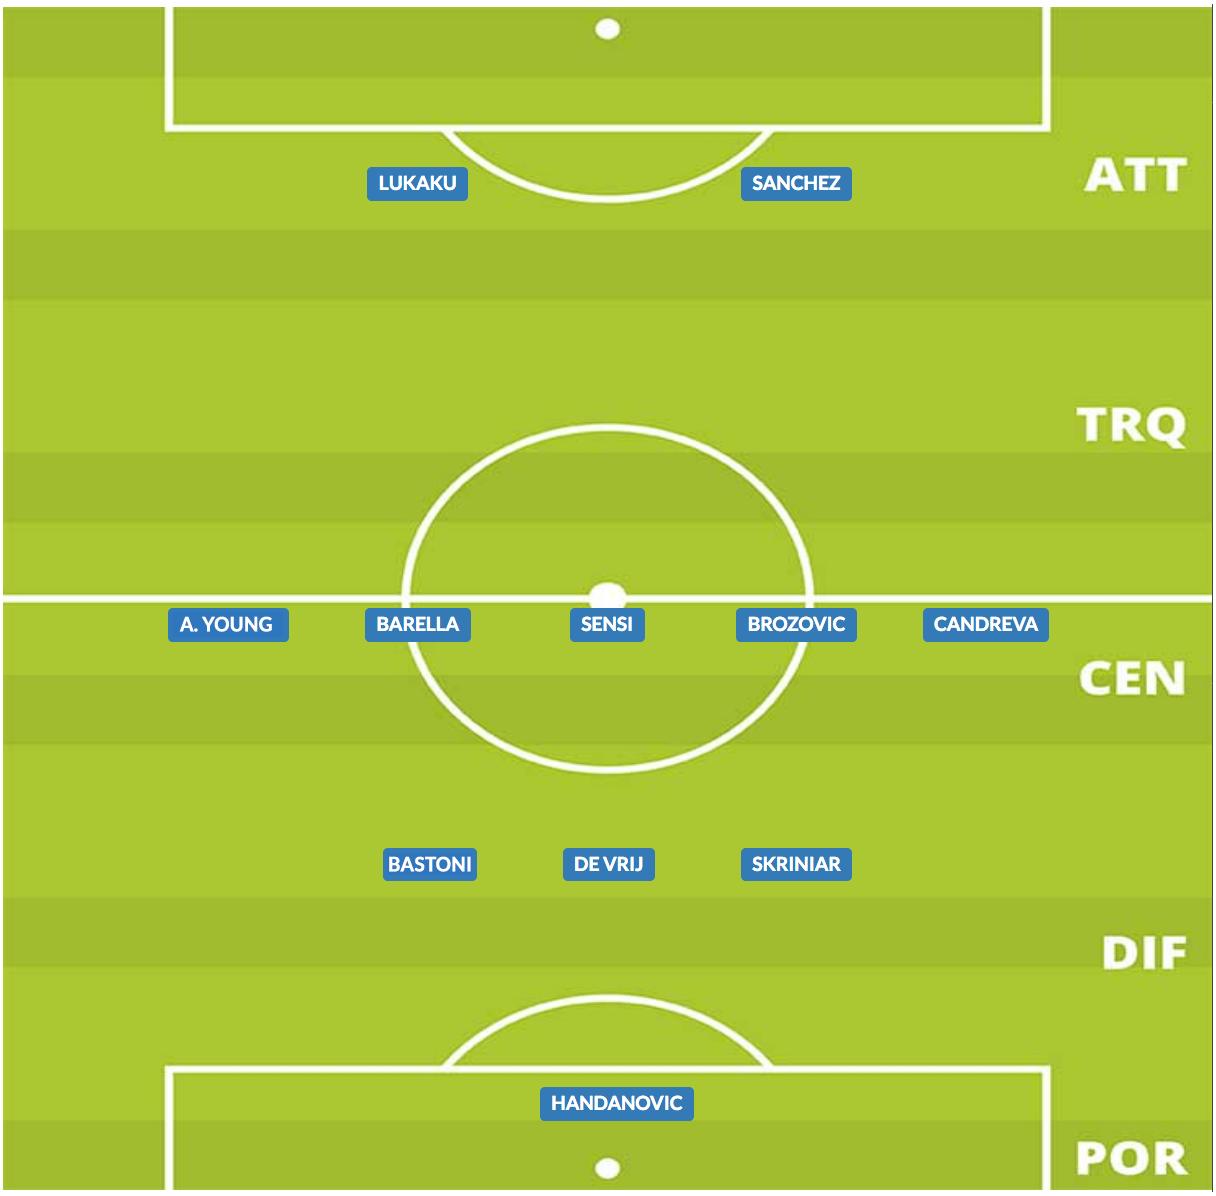 formazione inter 2019/20